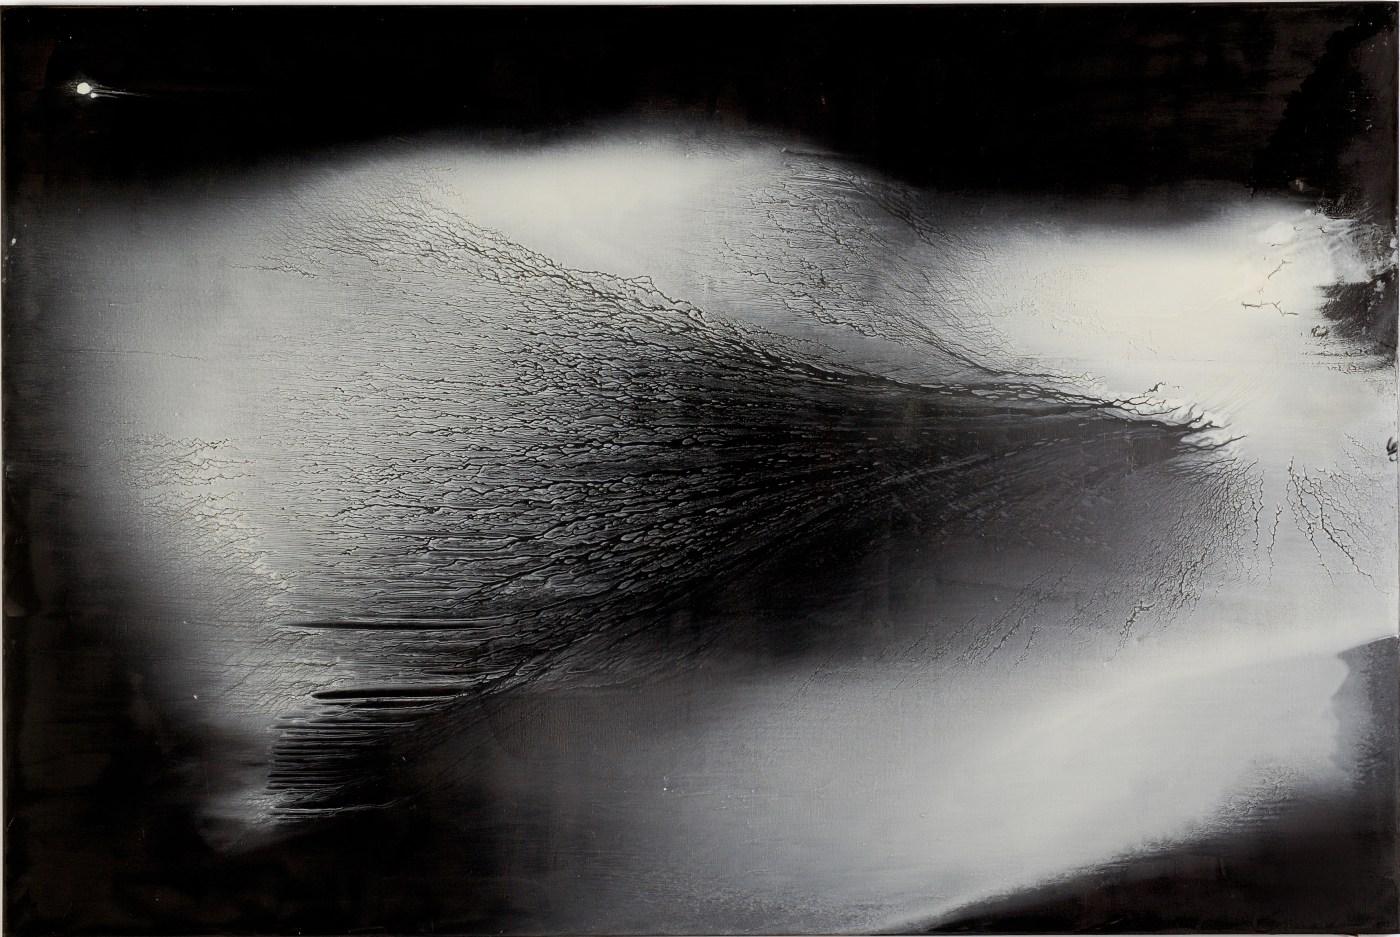 江賢二,《銀湖07-08》,2007 油彩、畫布 200×300 cm 私人收藏 ©臺北市立美術館提供